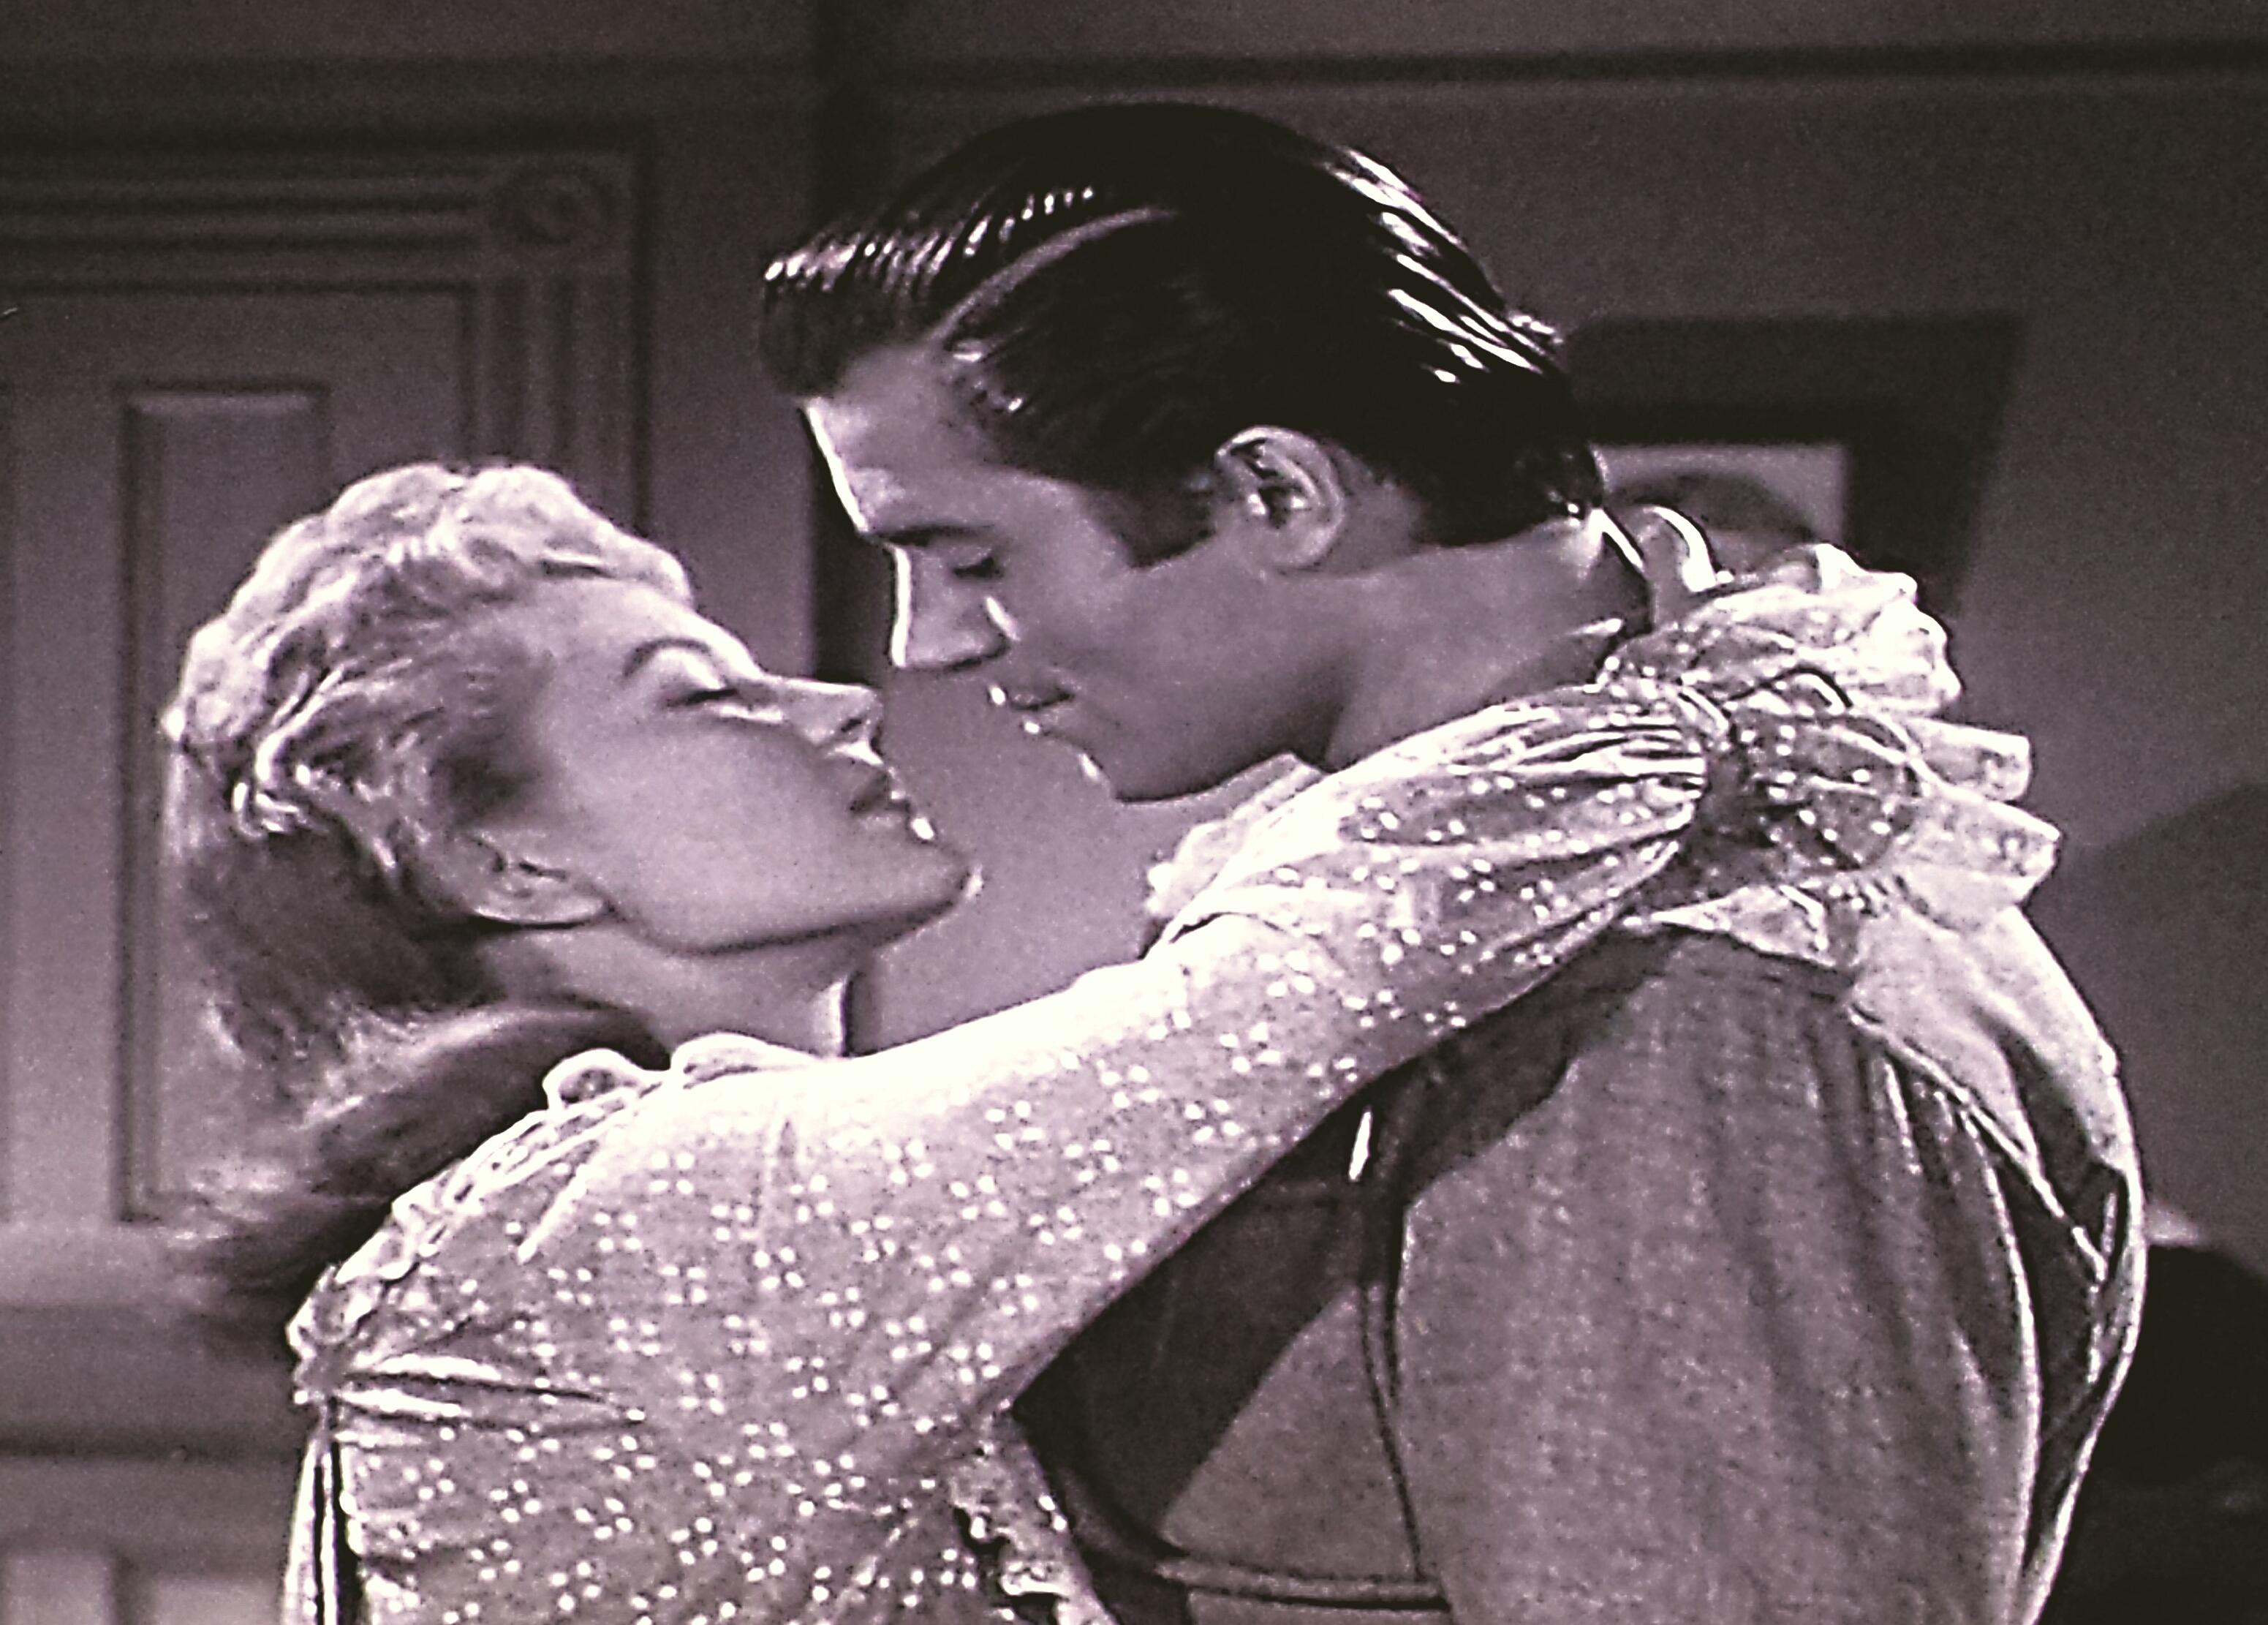 Peggie Castle and Clint Walker in Cheyenne (1955)